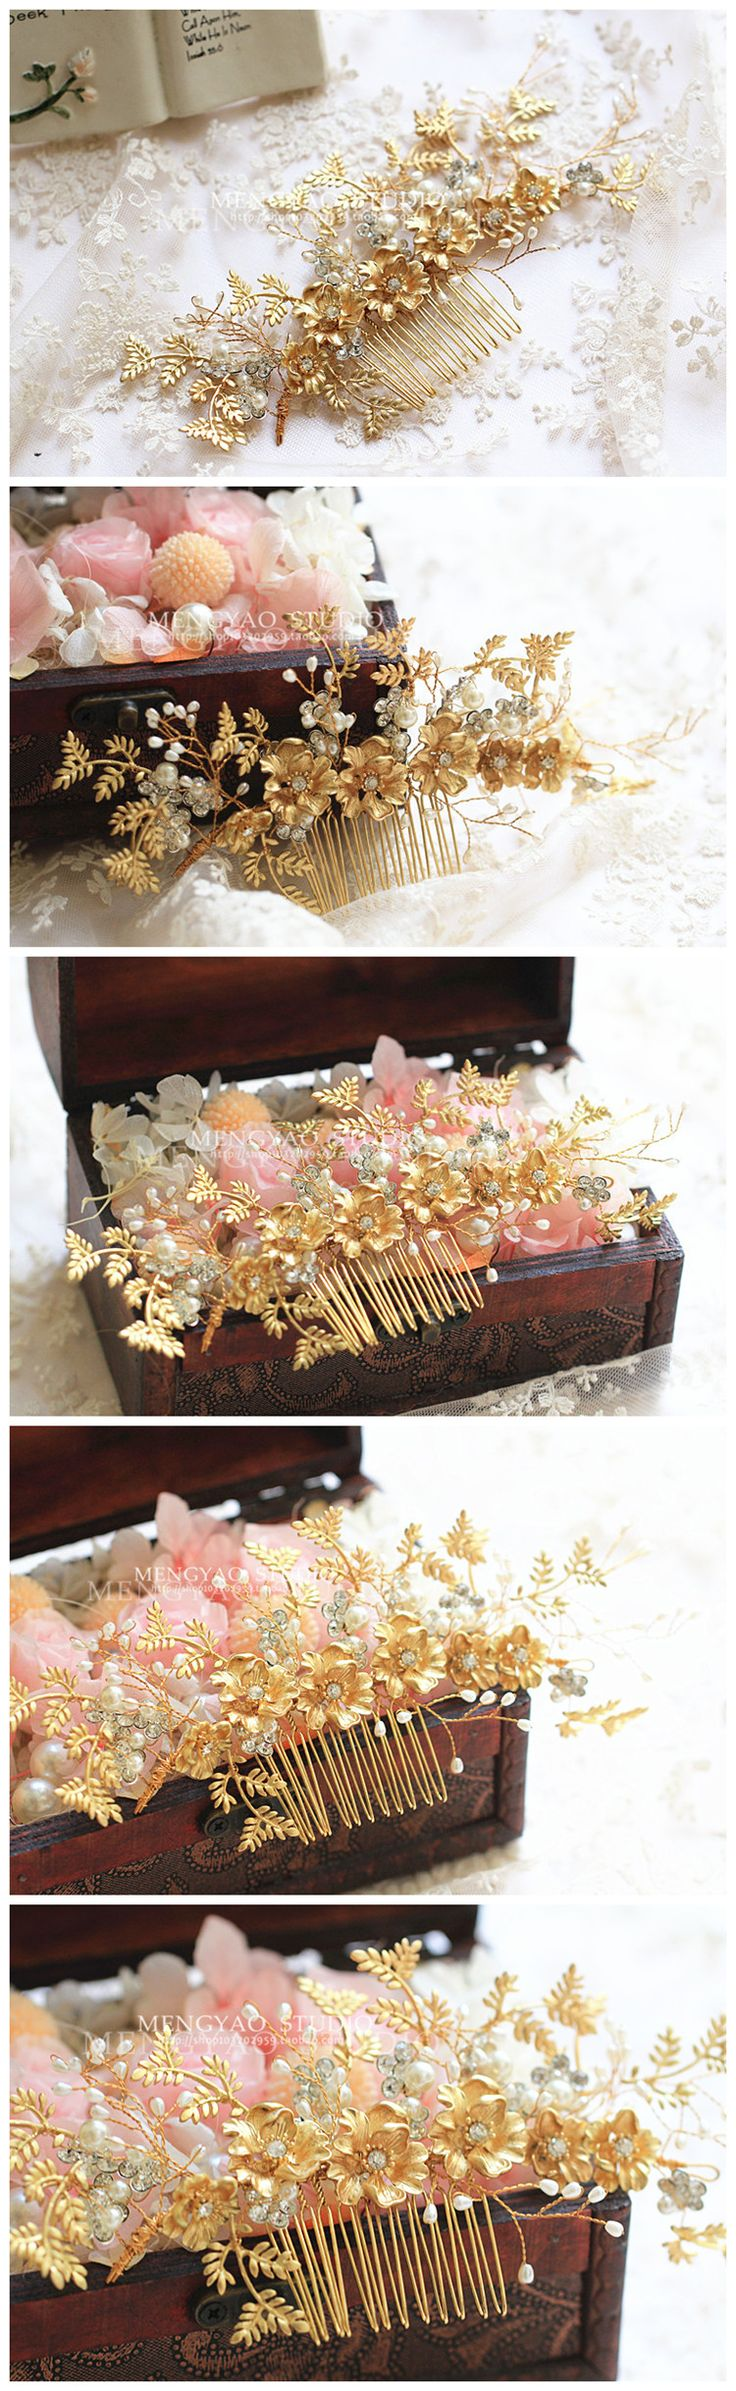 Ватикан Си Дия высокого класса ручной бисером золотые Европейский стиль минимализма мелкие золотые Люкс Тиара гребень аксессуары для волос - Taobao